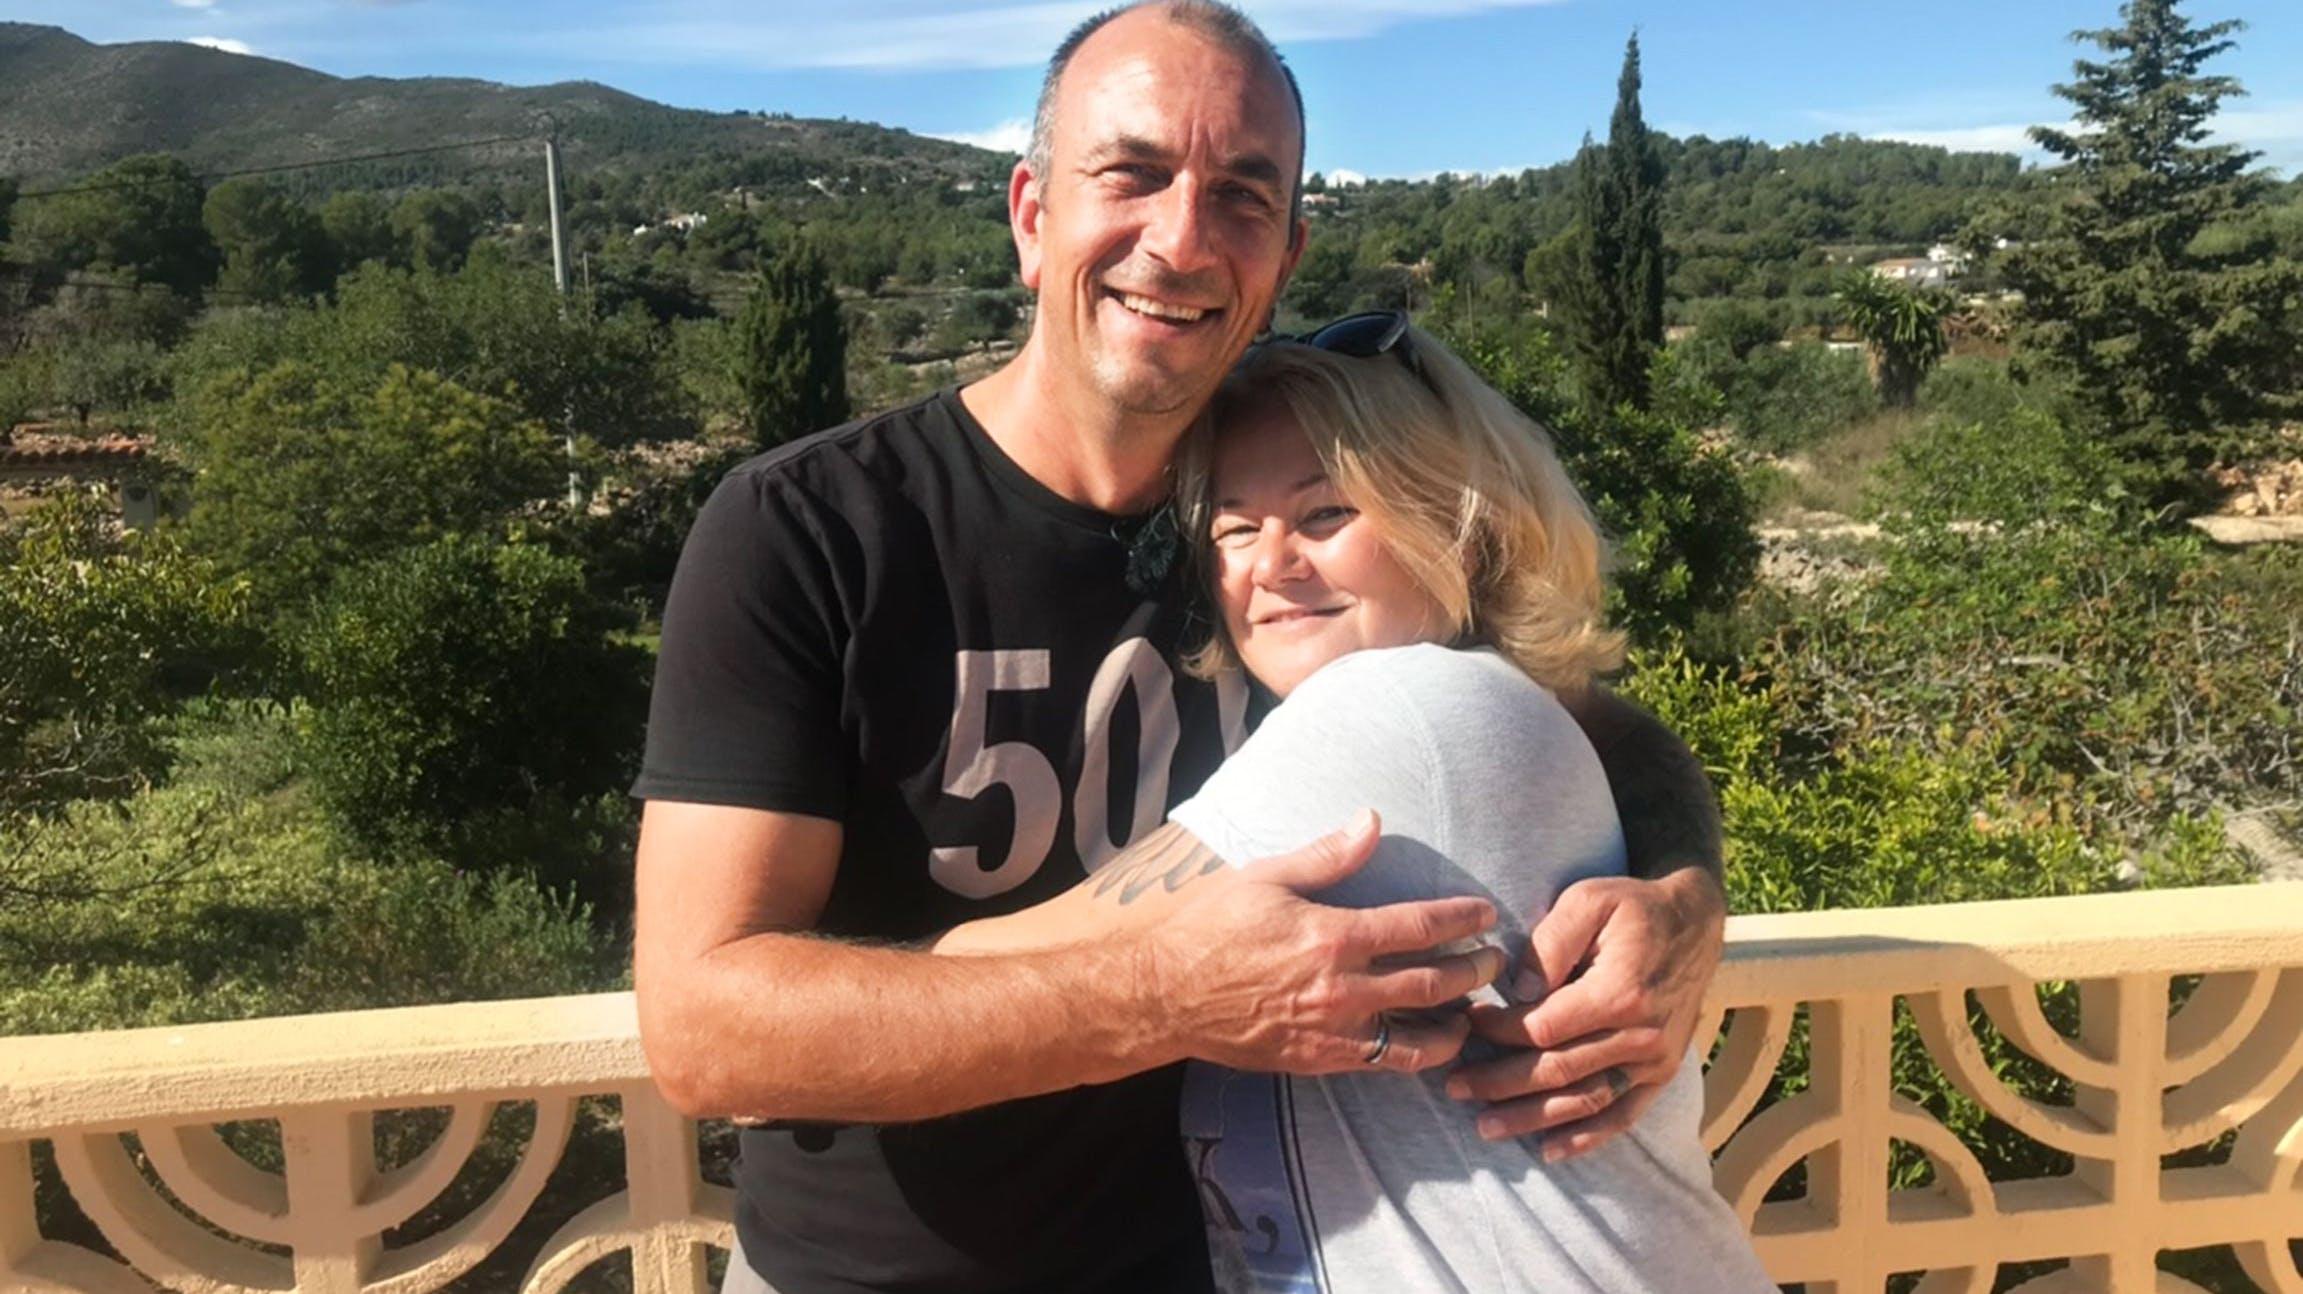 Ralf und Corinne Waldburger an der Costa Blanca, ein Hundehotel ist ihr Traum.